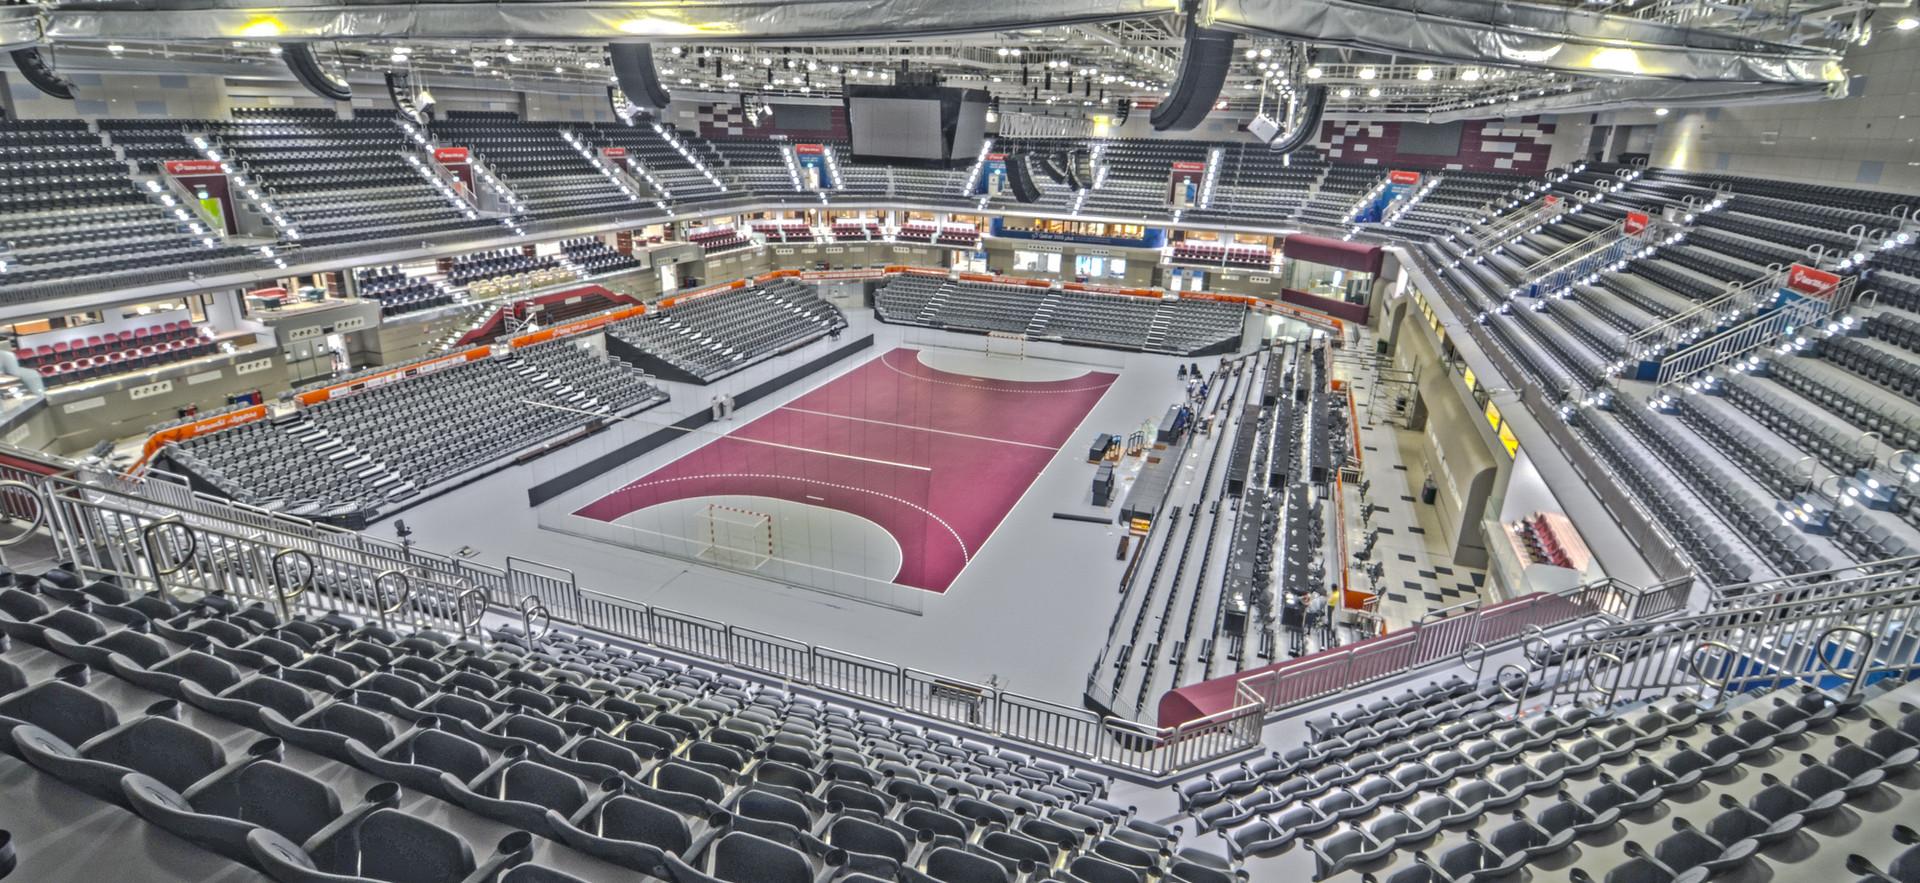 Ali Bin Hamad Al-Attiyah Arena, Qatar